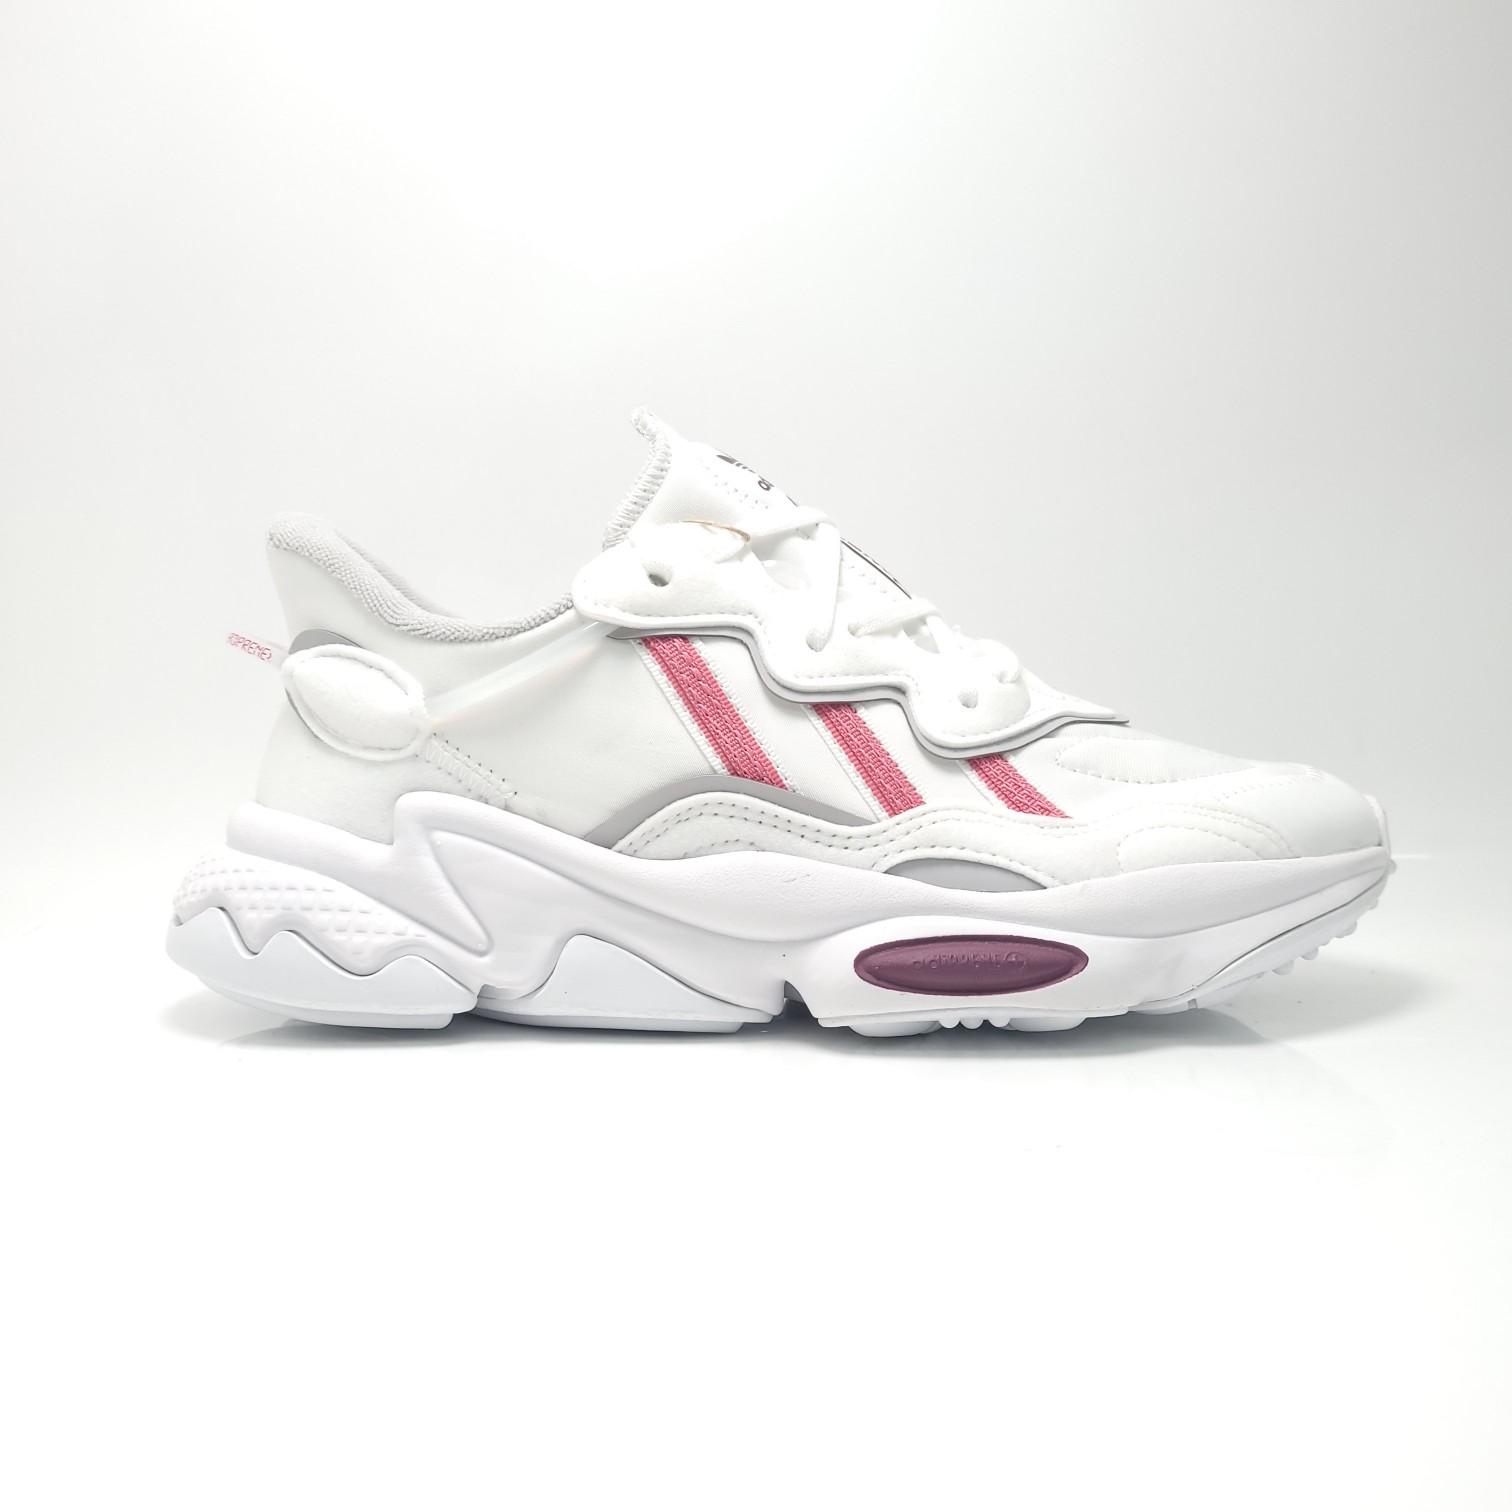 ADIDAS OZWEEGO White/Pink